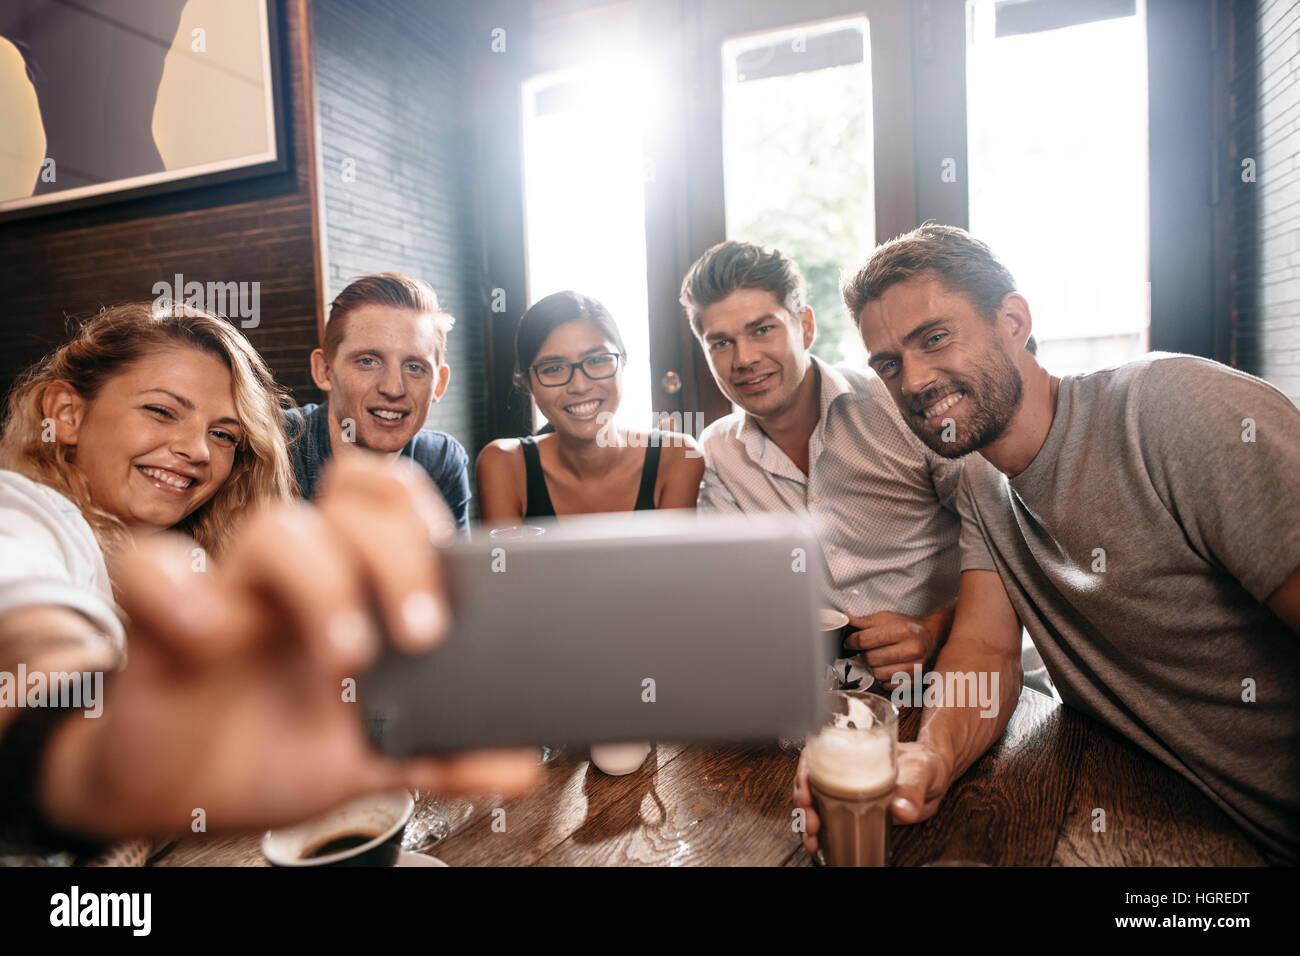 Diversi gruppi di amici prendendo selfie su smart phone. Giovani uomini e donne seduti al tavolo del bar e prendendo Immagini Stock